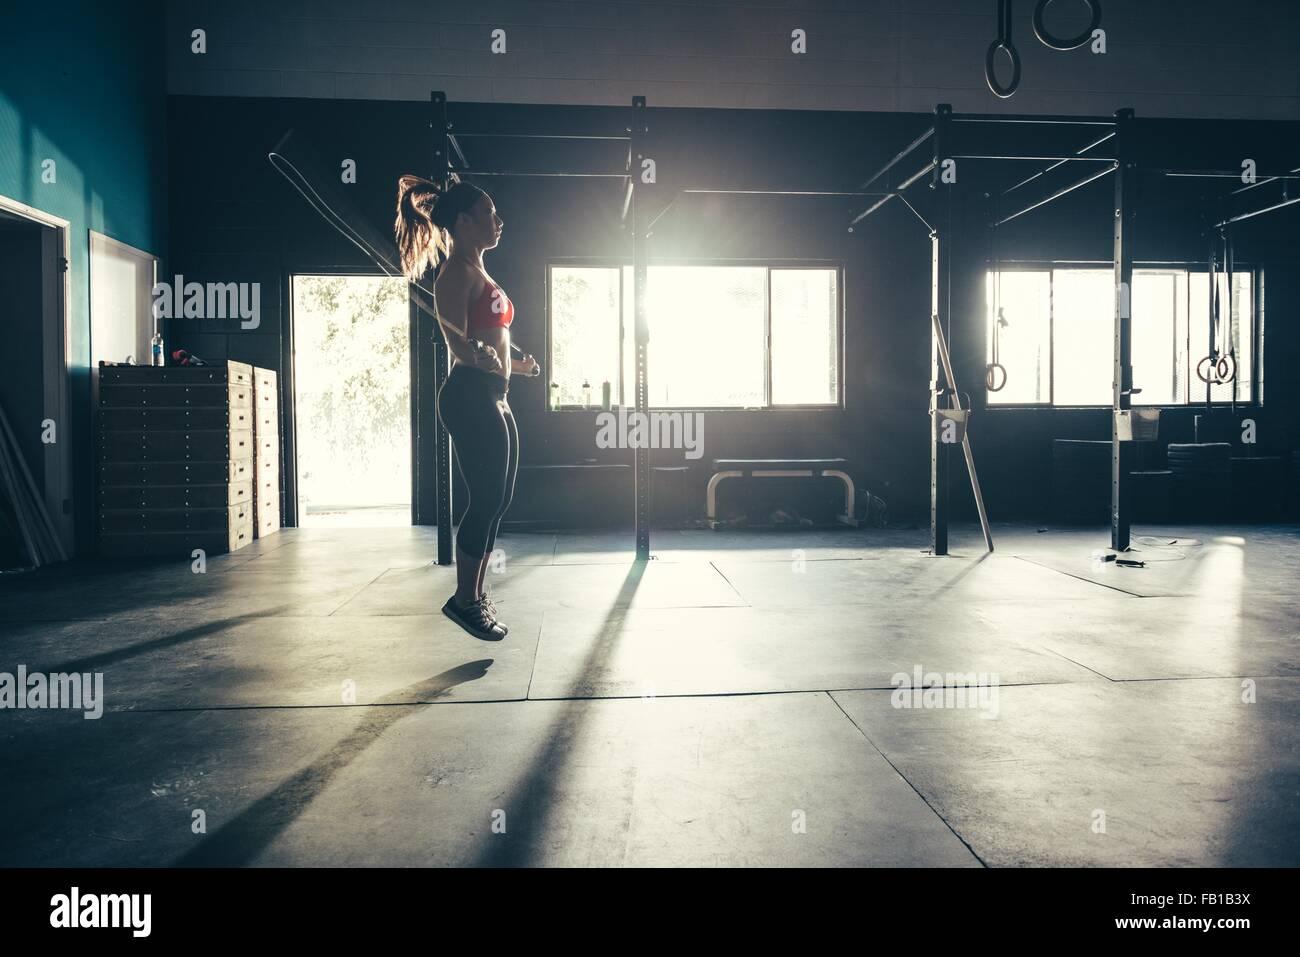 Mujer saltando con cuerdas de saltar en el gimnasio Imagen De Stock